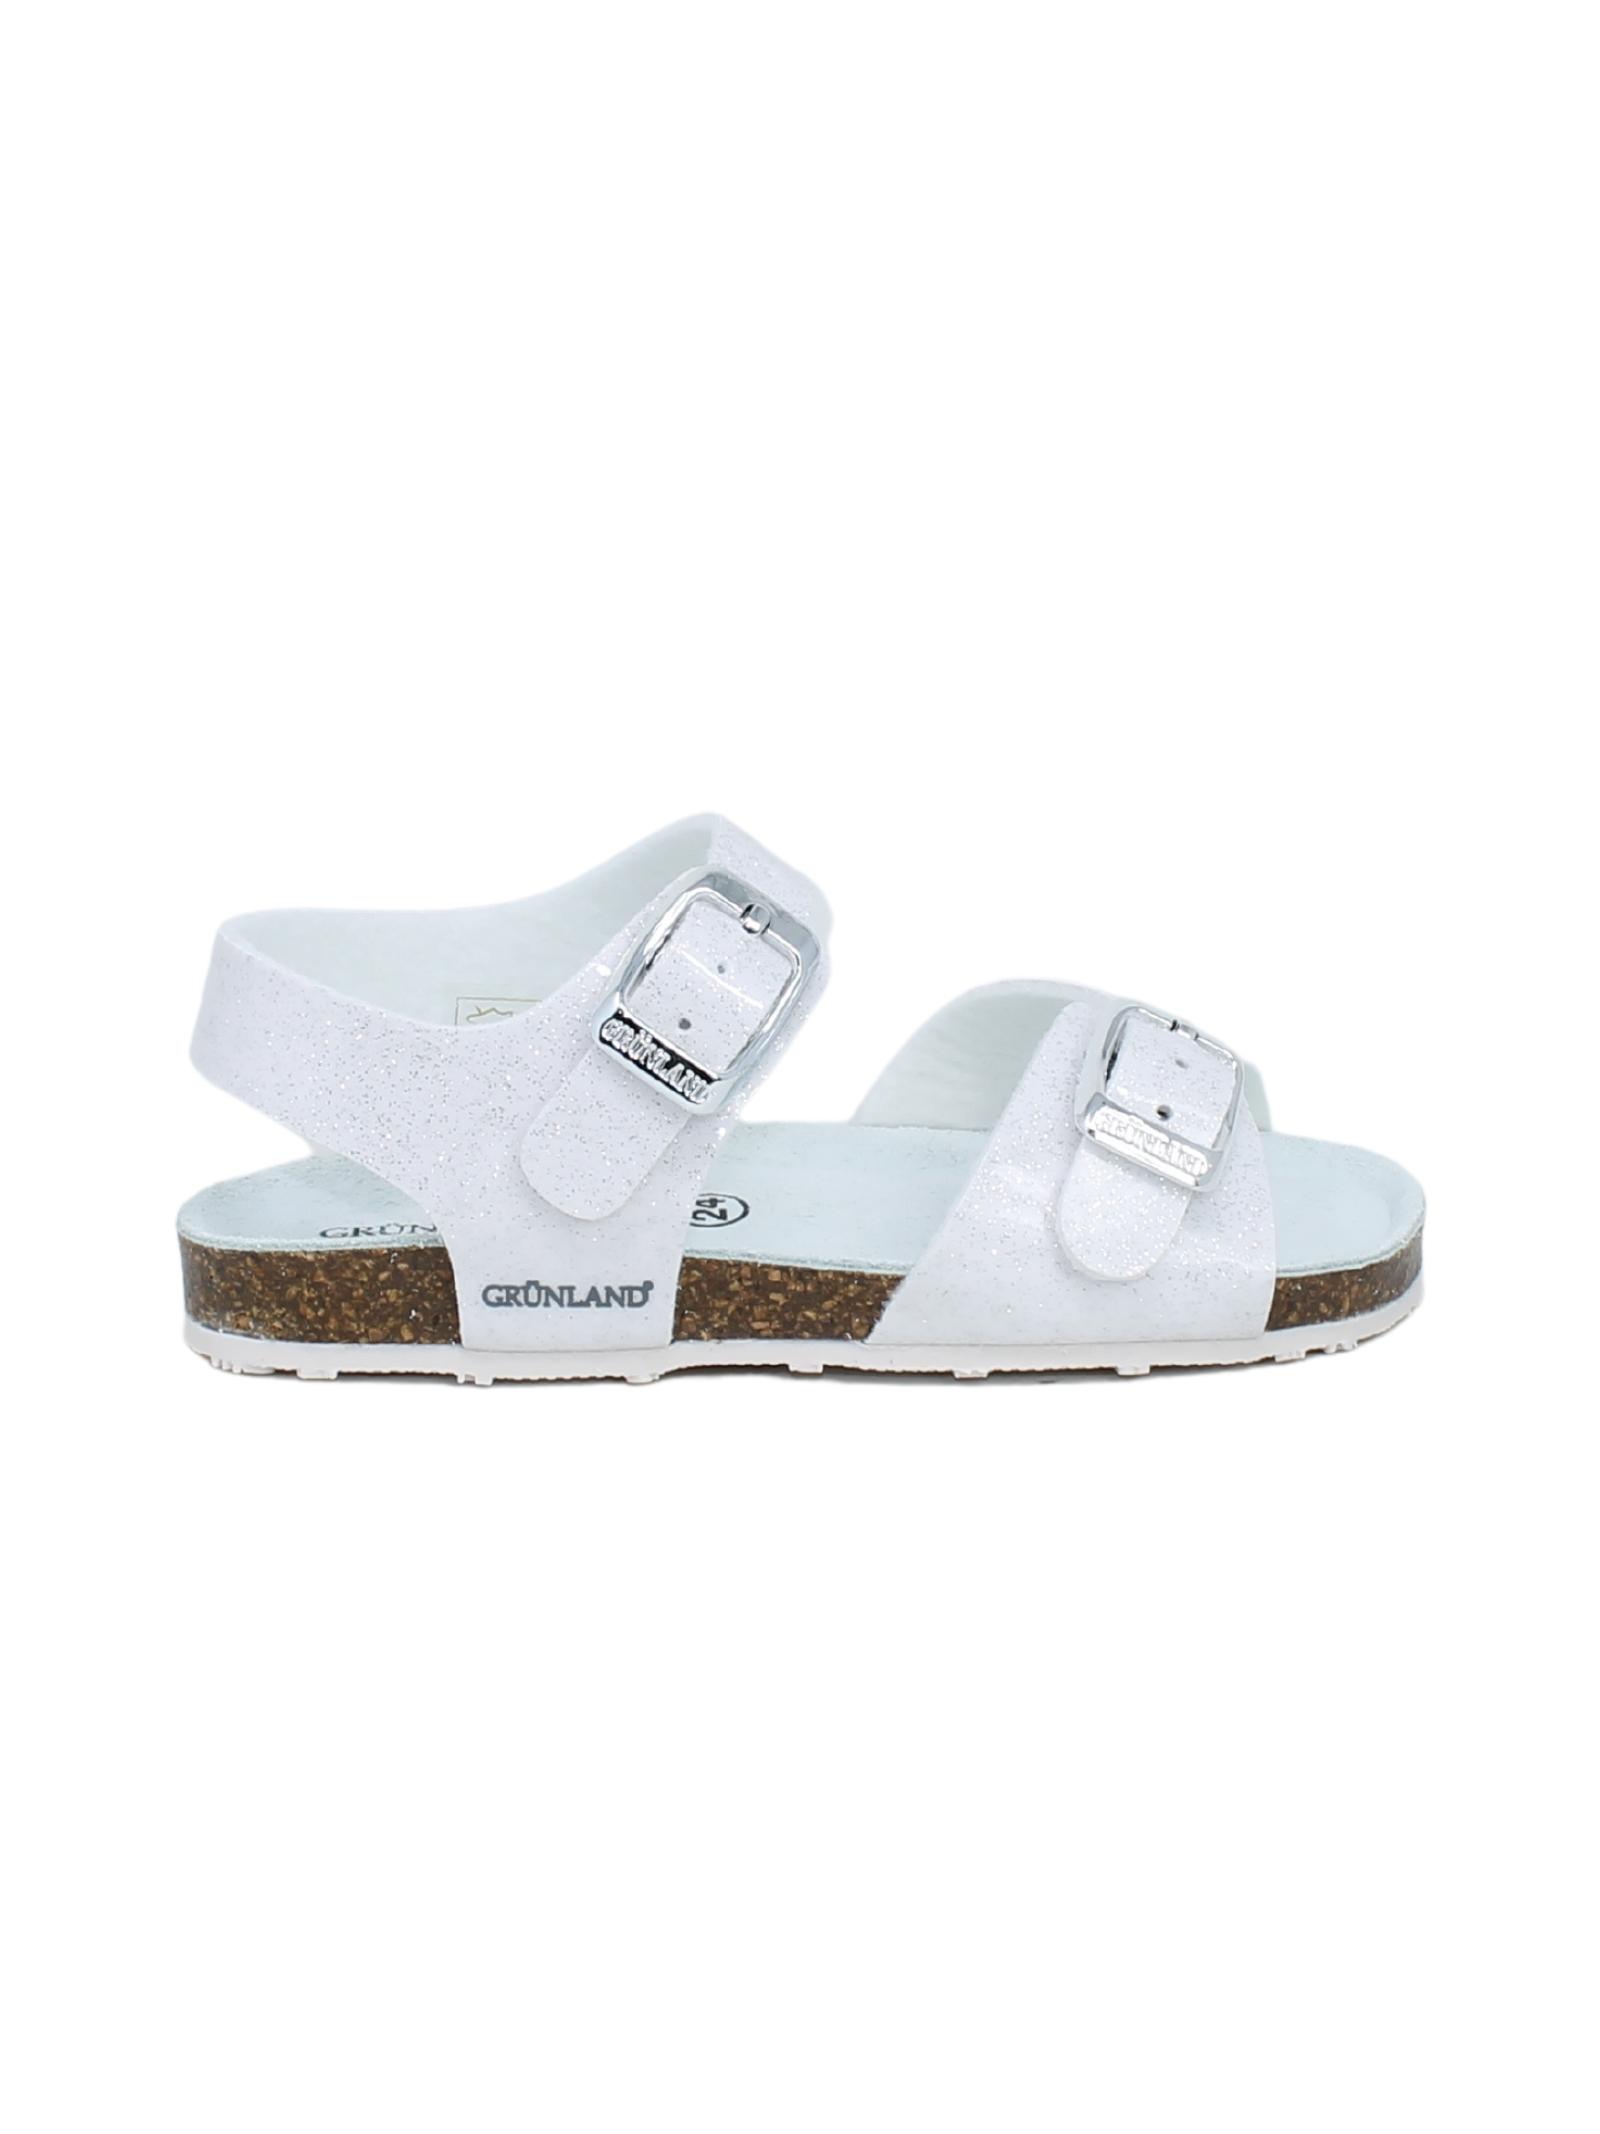 GRUNLAND JUNIOR | Sandals | 1258GBIANCO